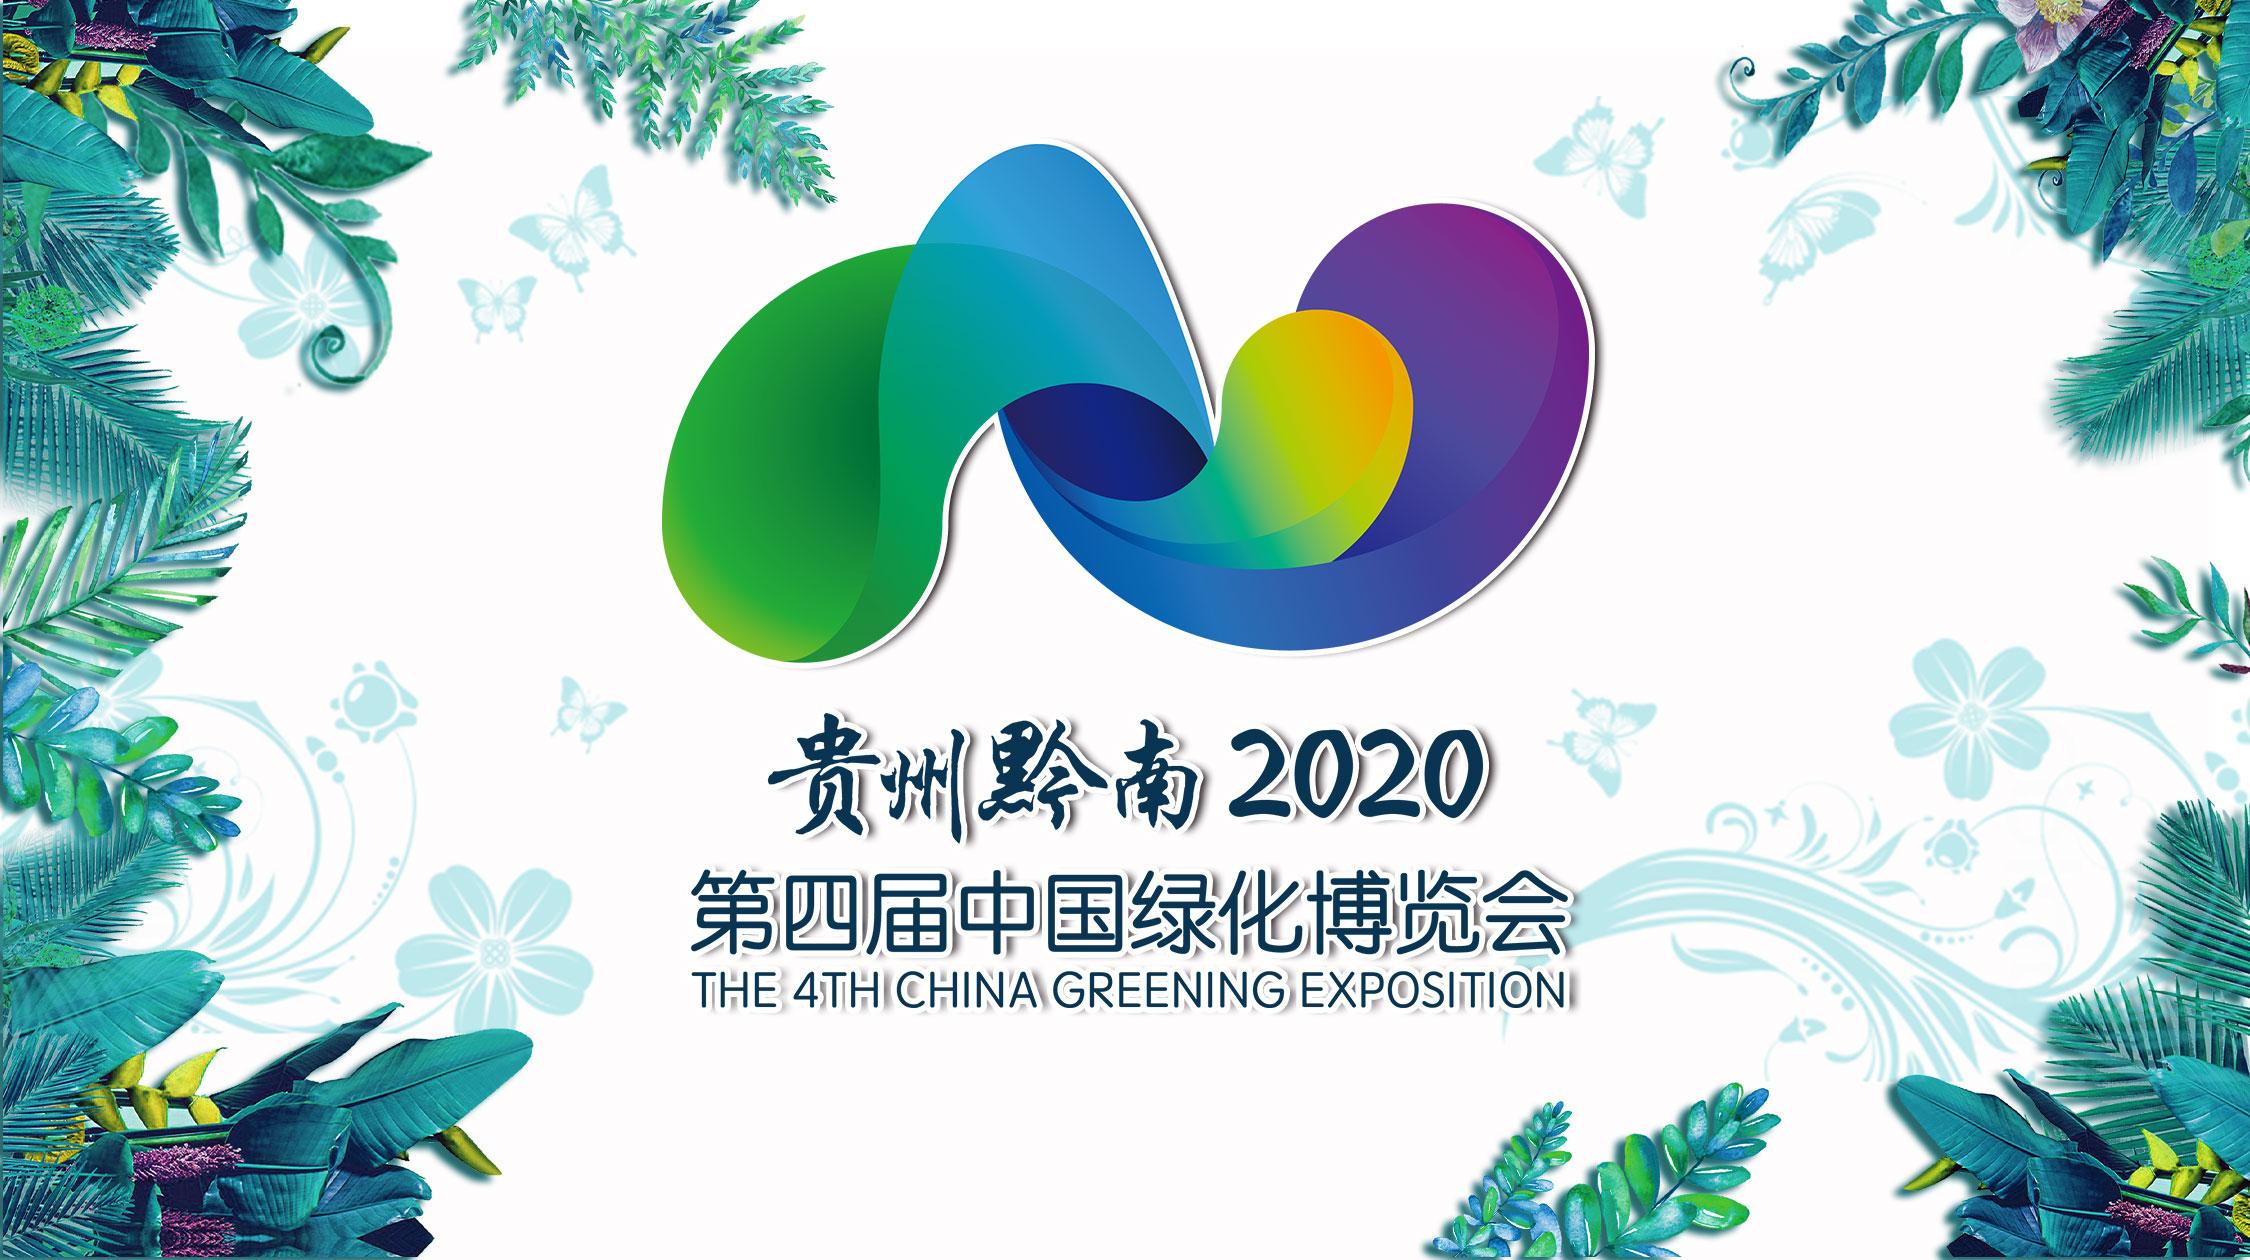 亚博体育手机app下载黔南2020第四届中国绿化博览会